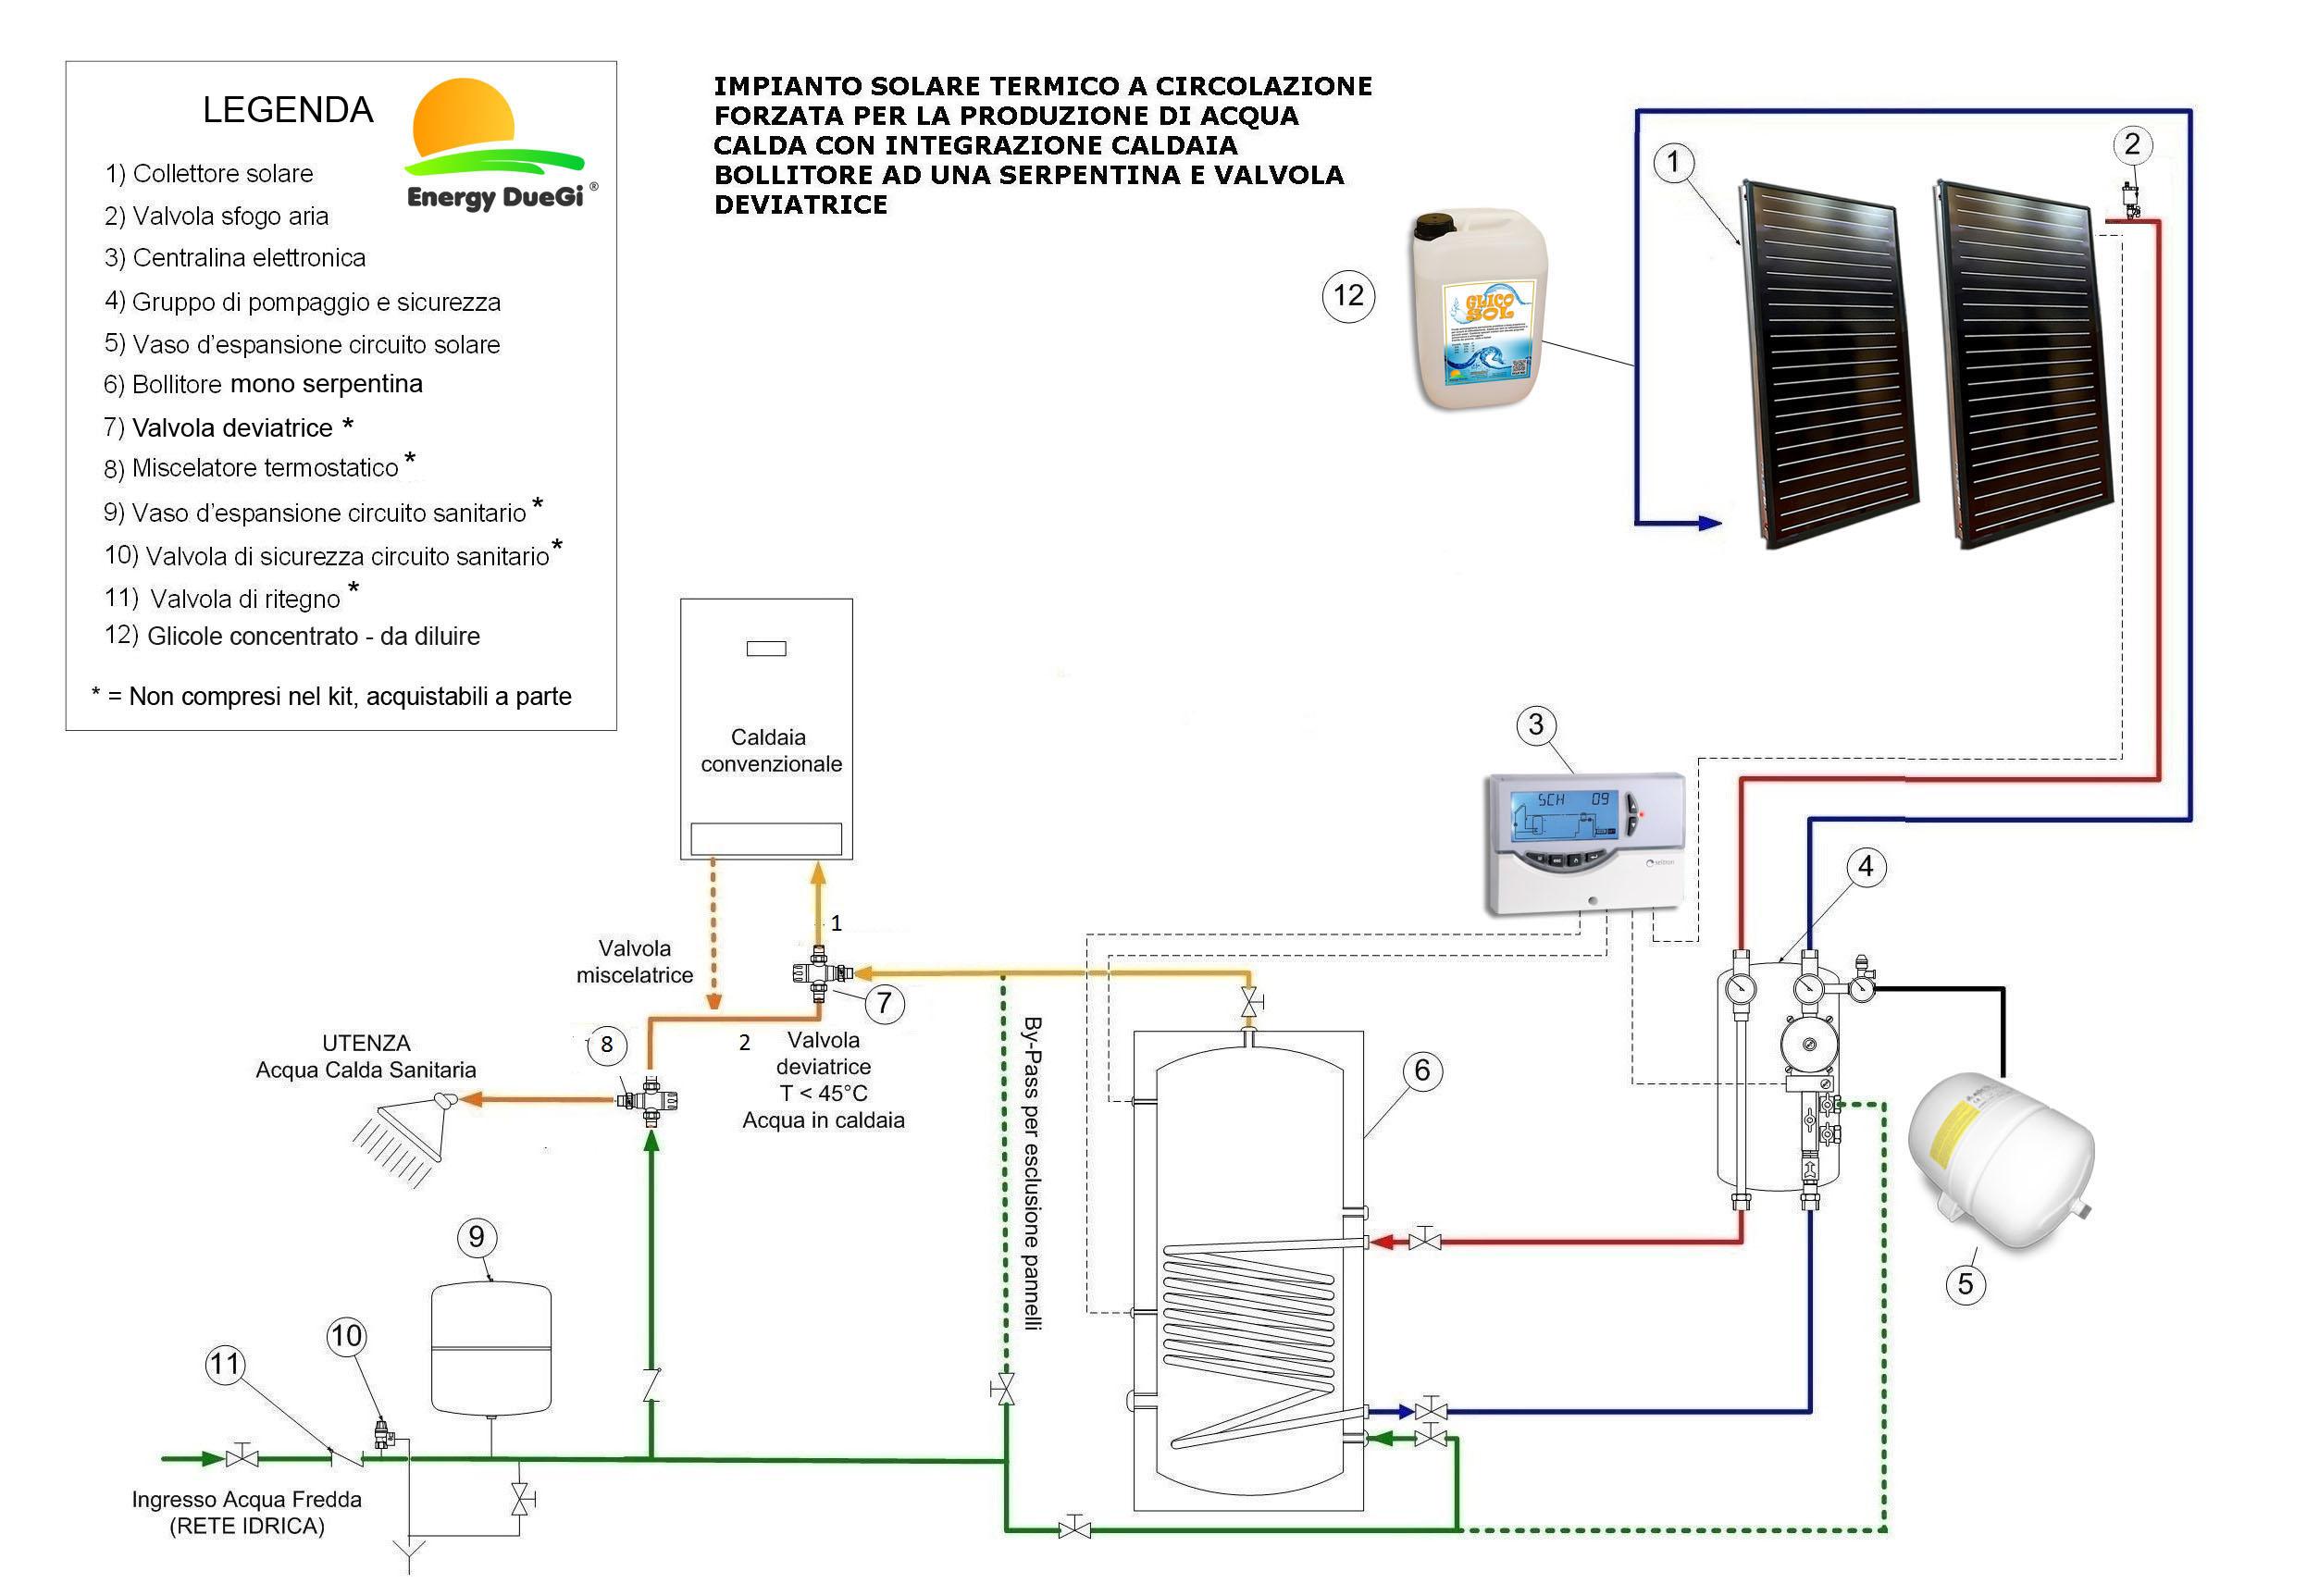 Schema Elettrico Elettrovalvola Per Riscaldamento : E a kv kit impianto solare termico ad elevate